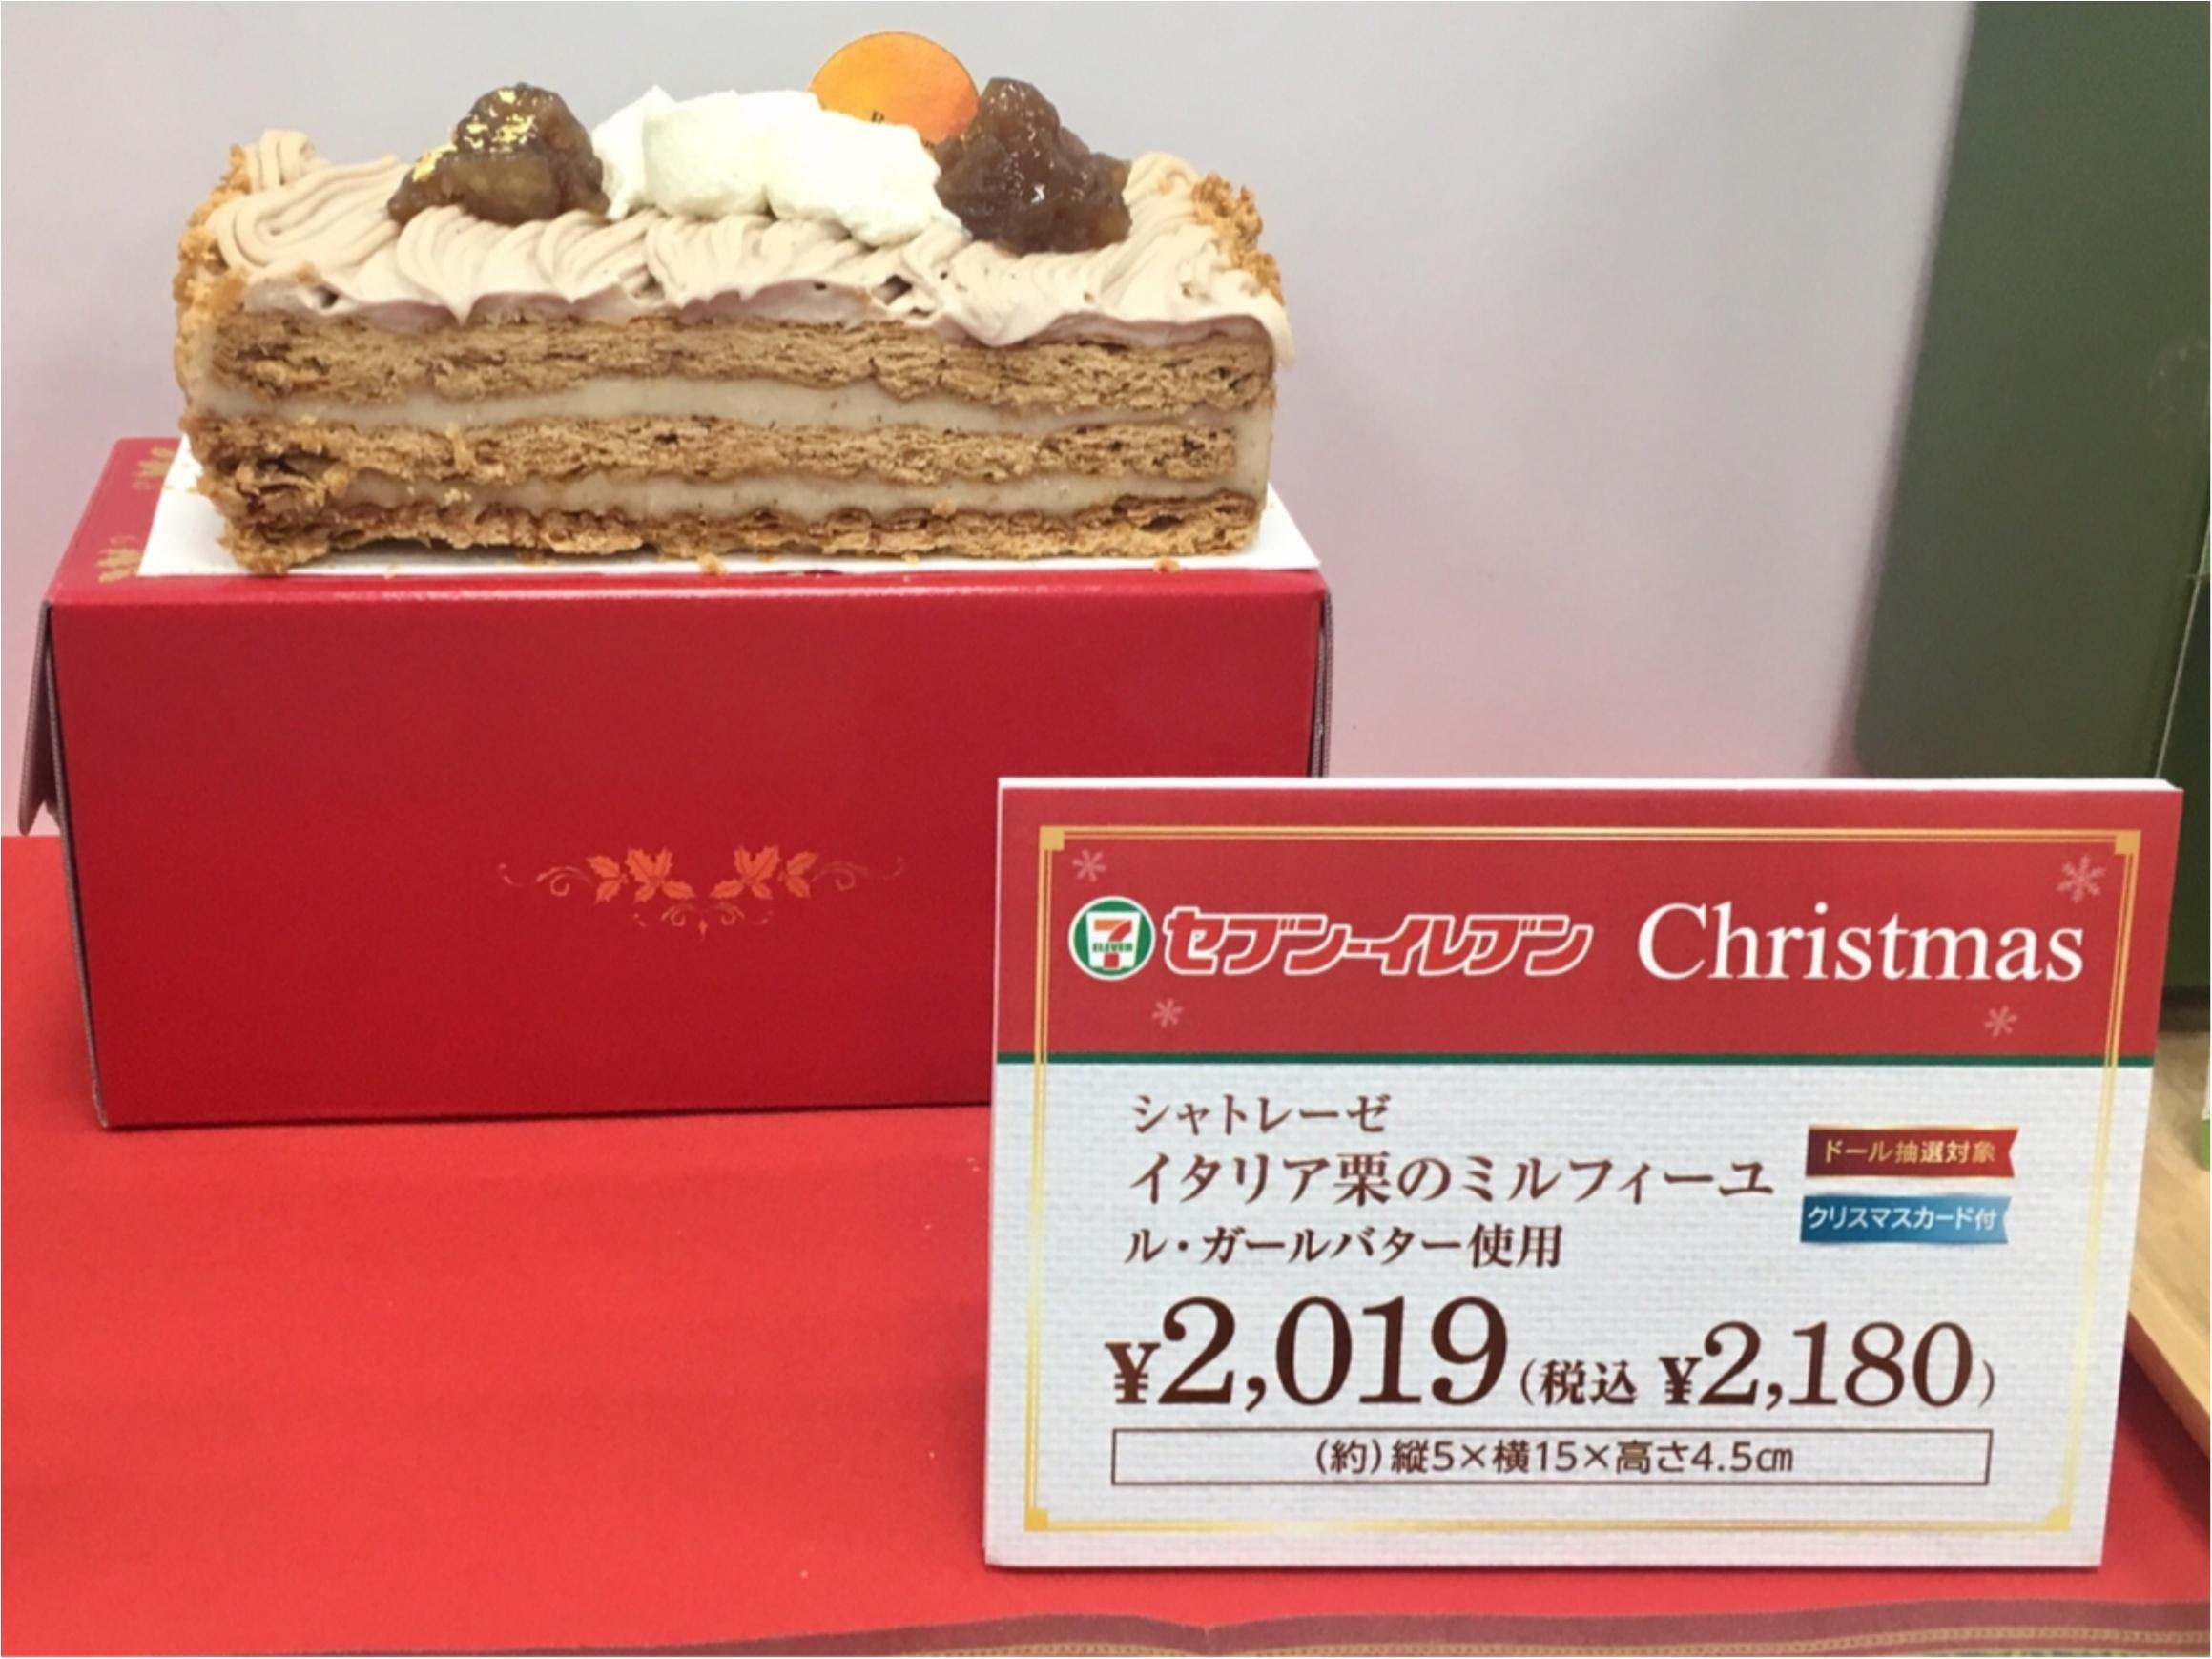 【セブンイレブン】いよいよクリスマス!ケーキどうする?試食会レポート_7